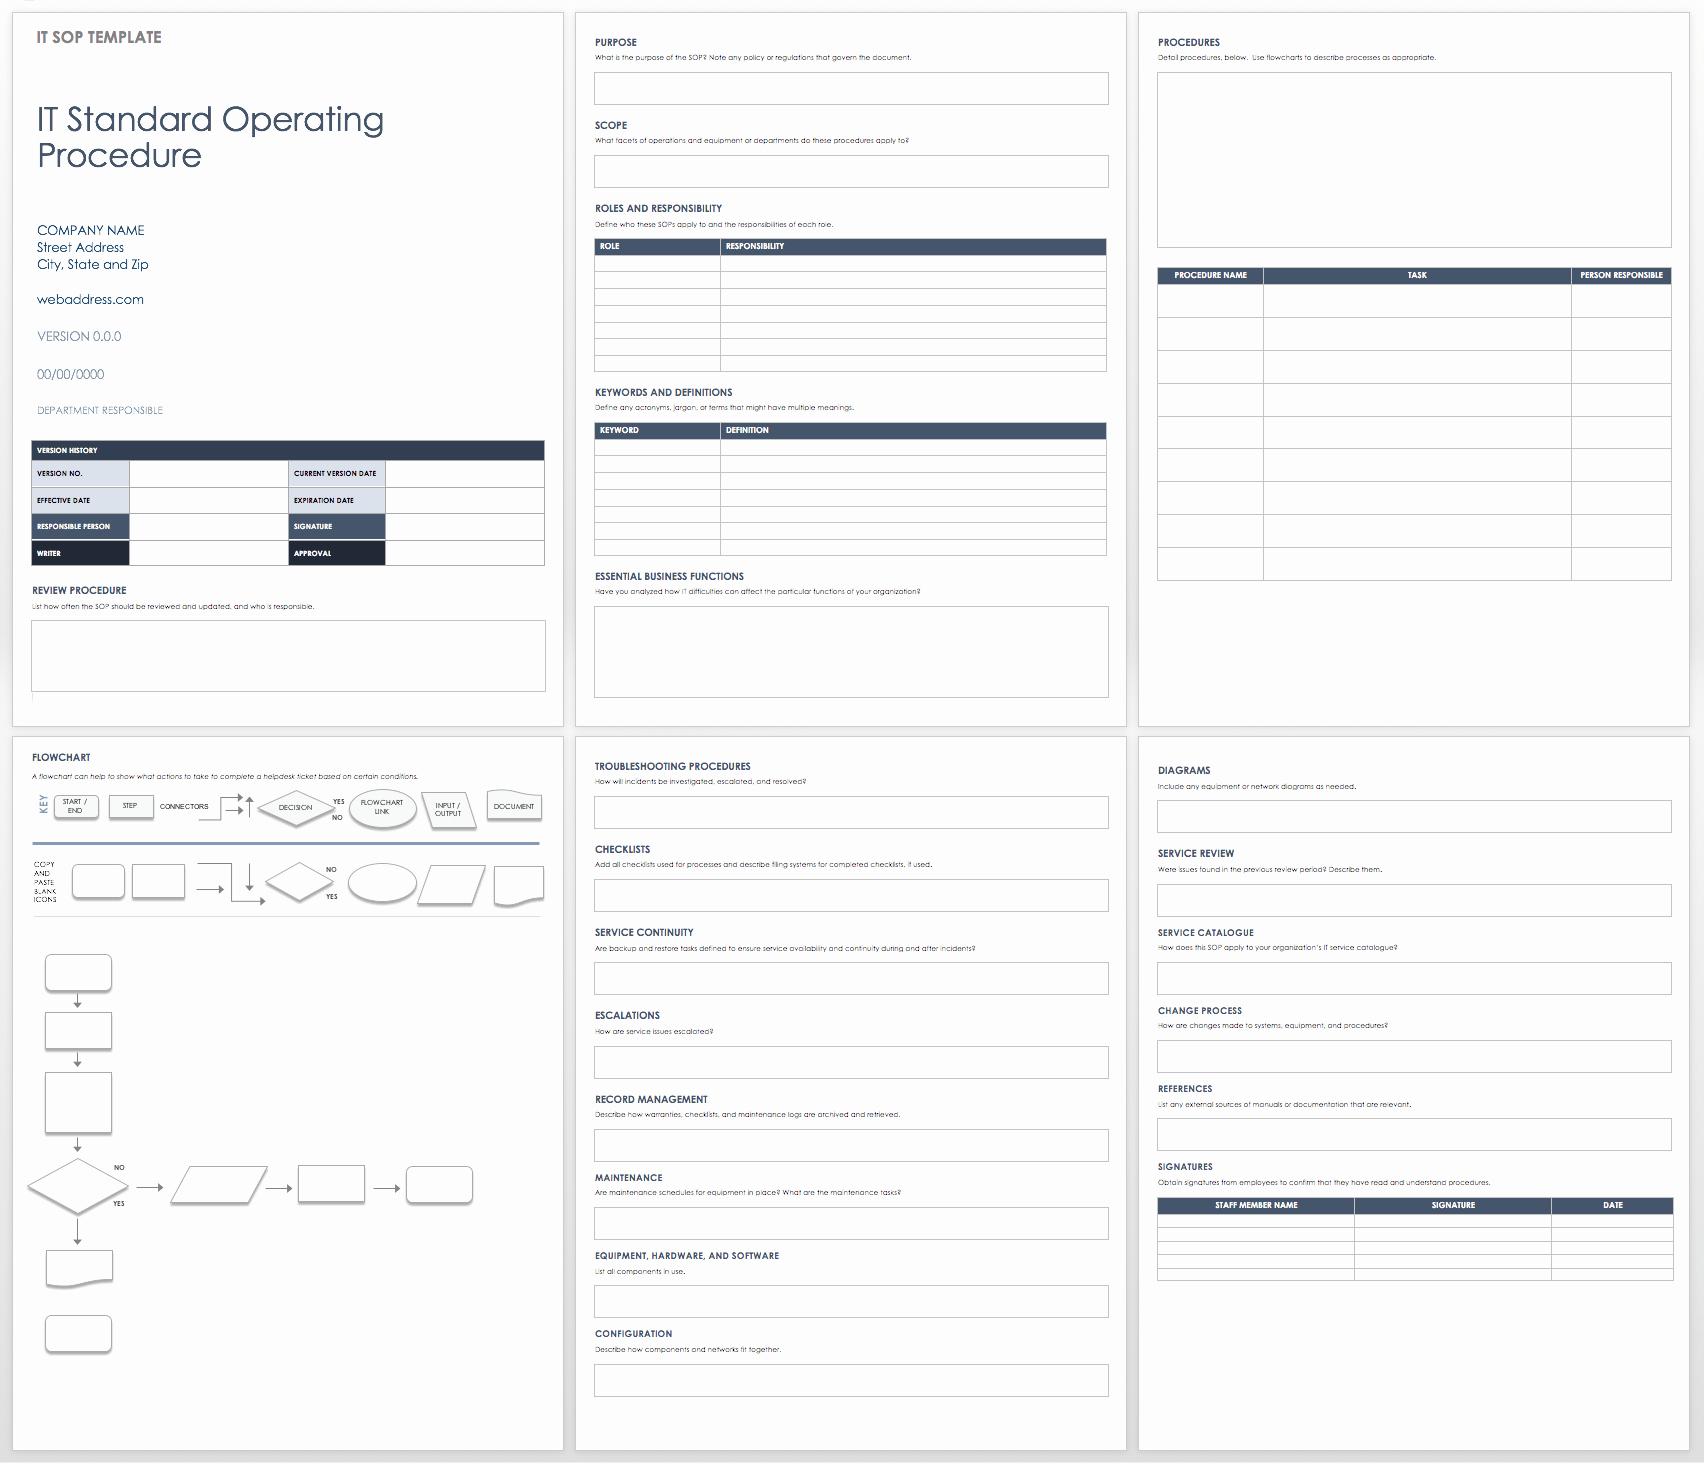 Standard Operating Procedures Template Luxury Standard Operating Procedures Templates